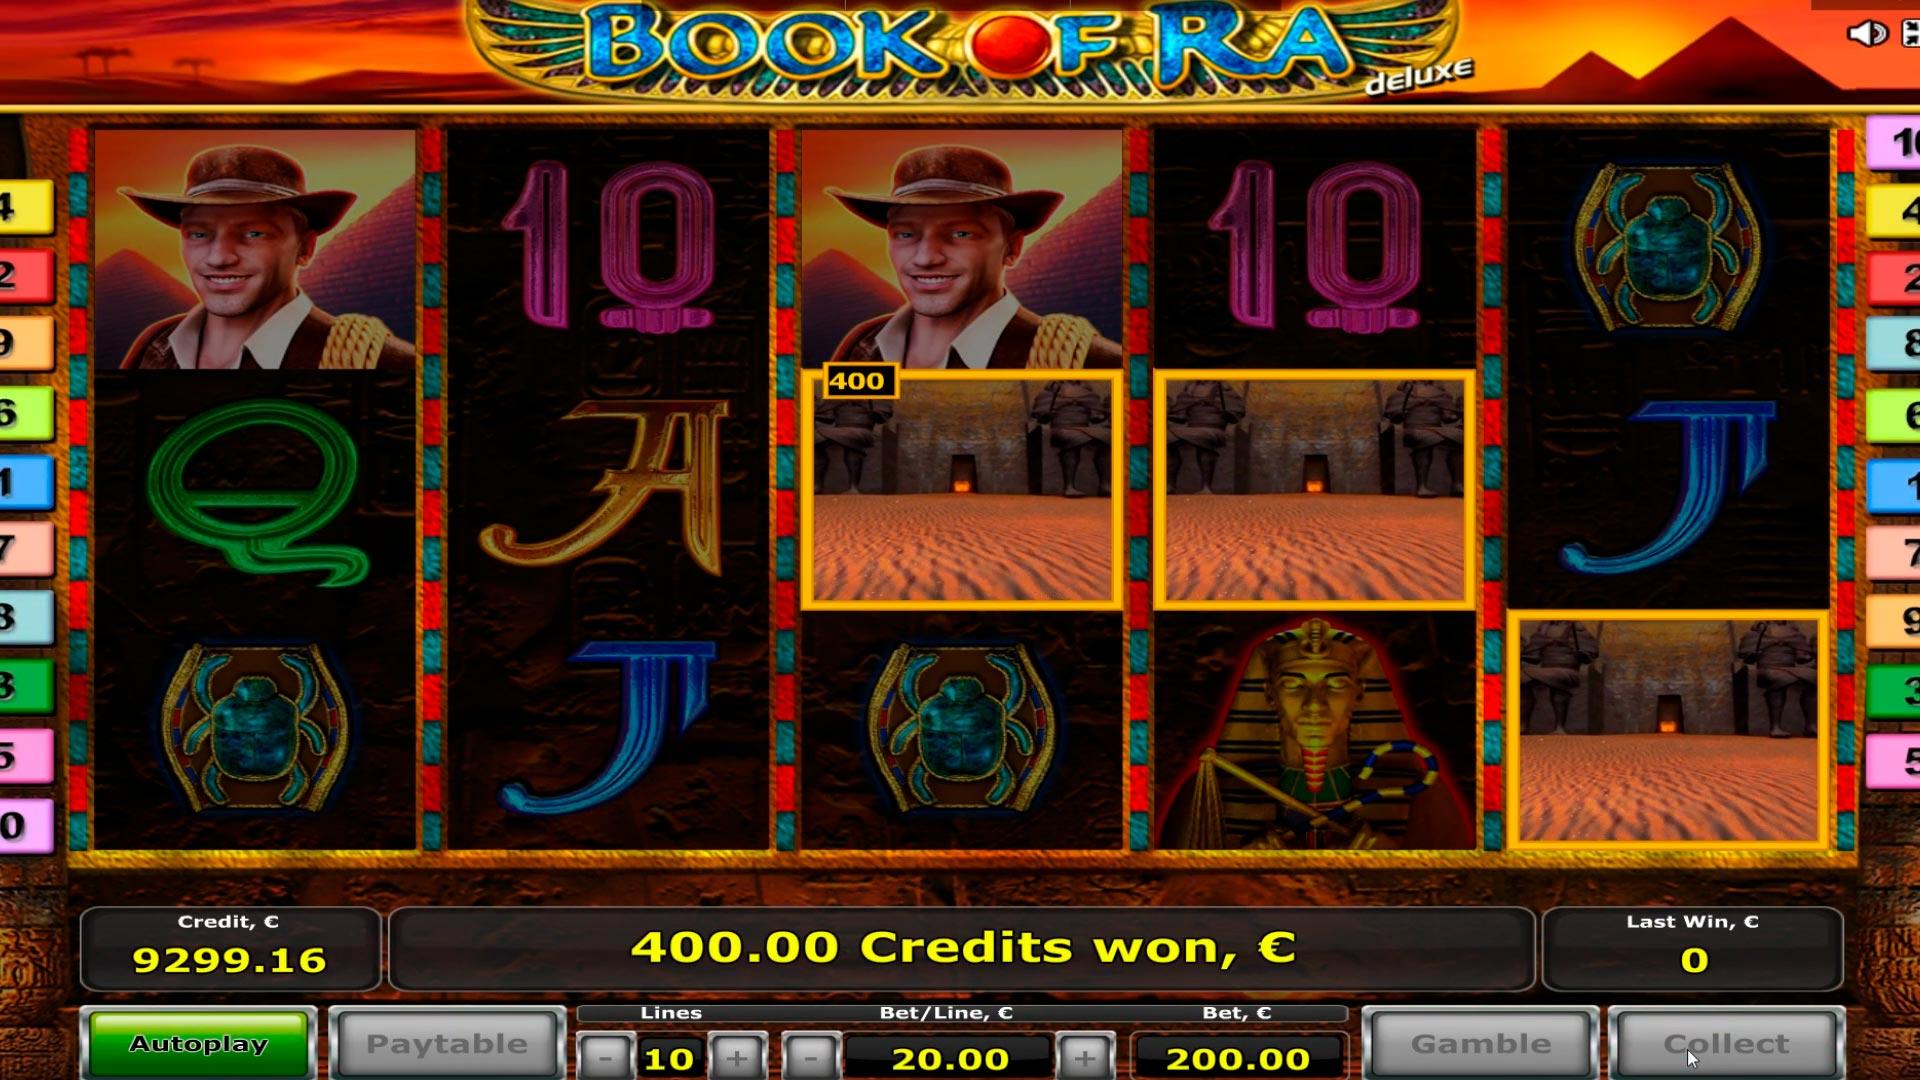 Ra casino slot büyük kitap - 2 bonus oyunları - € 12.000 ve € 20.000 kazanın